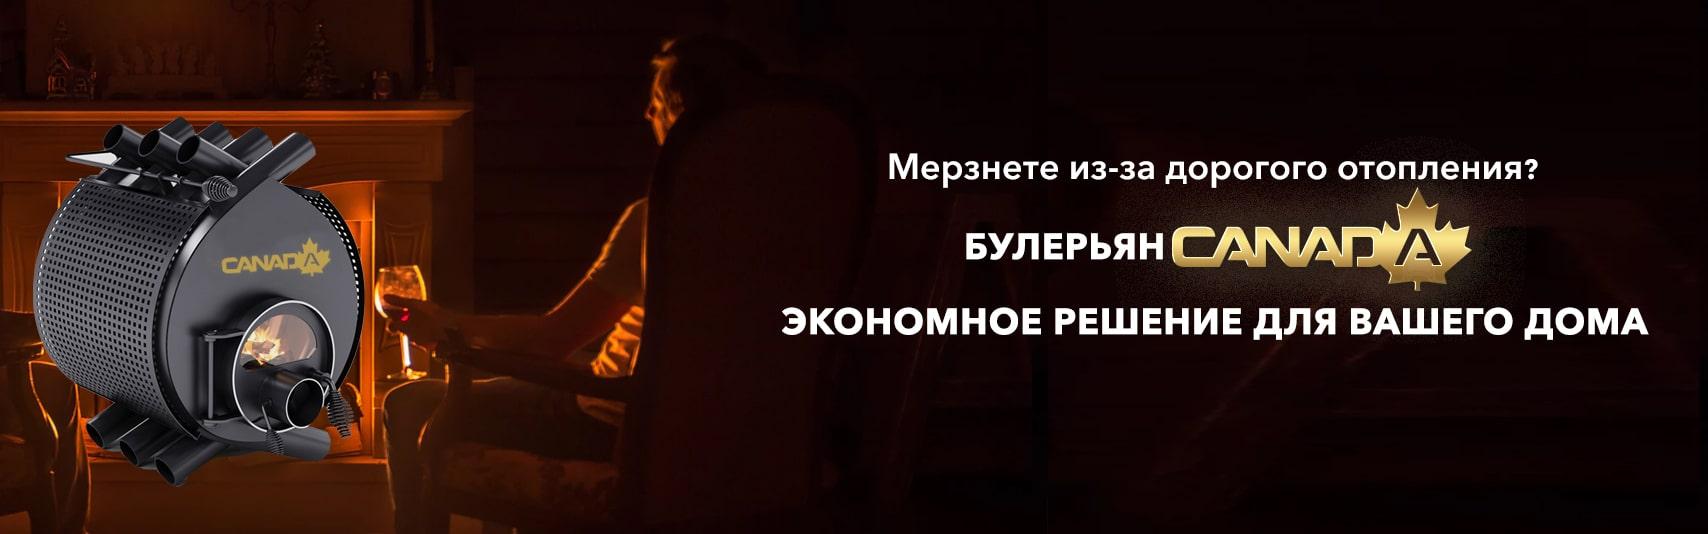 sobaka1